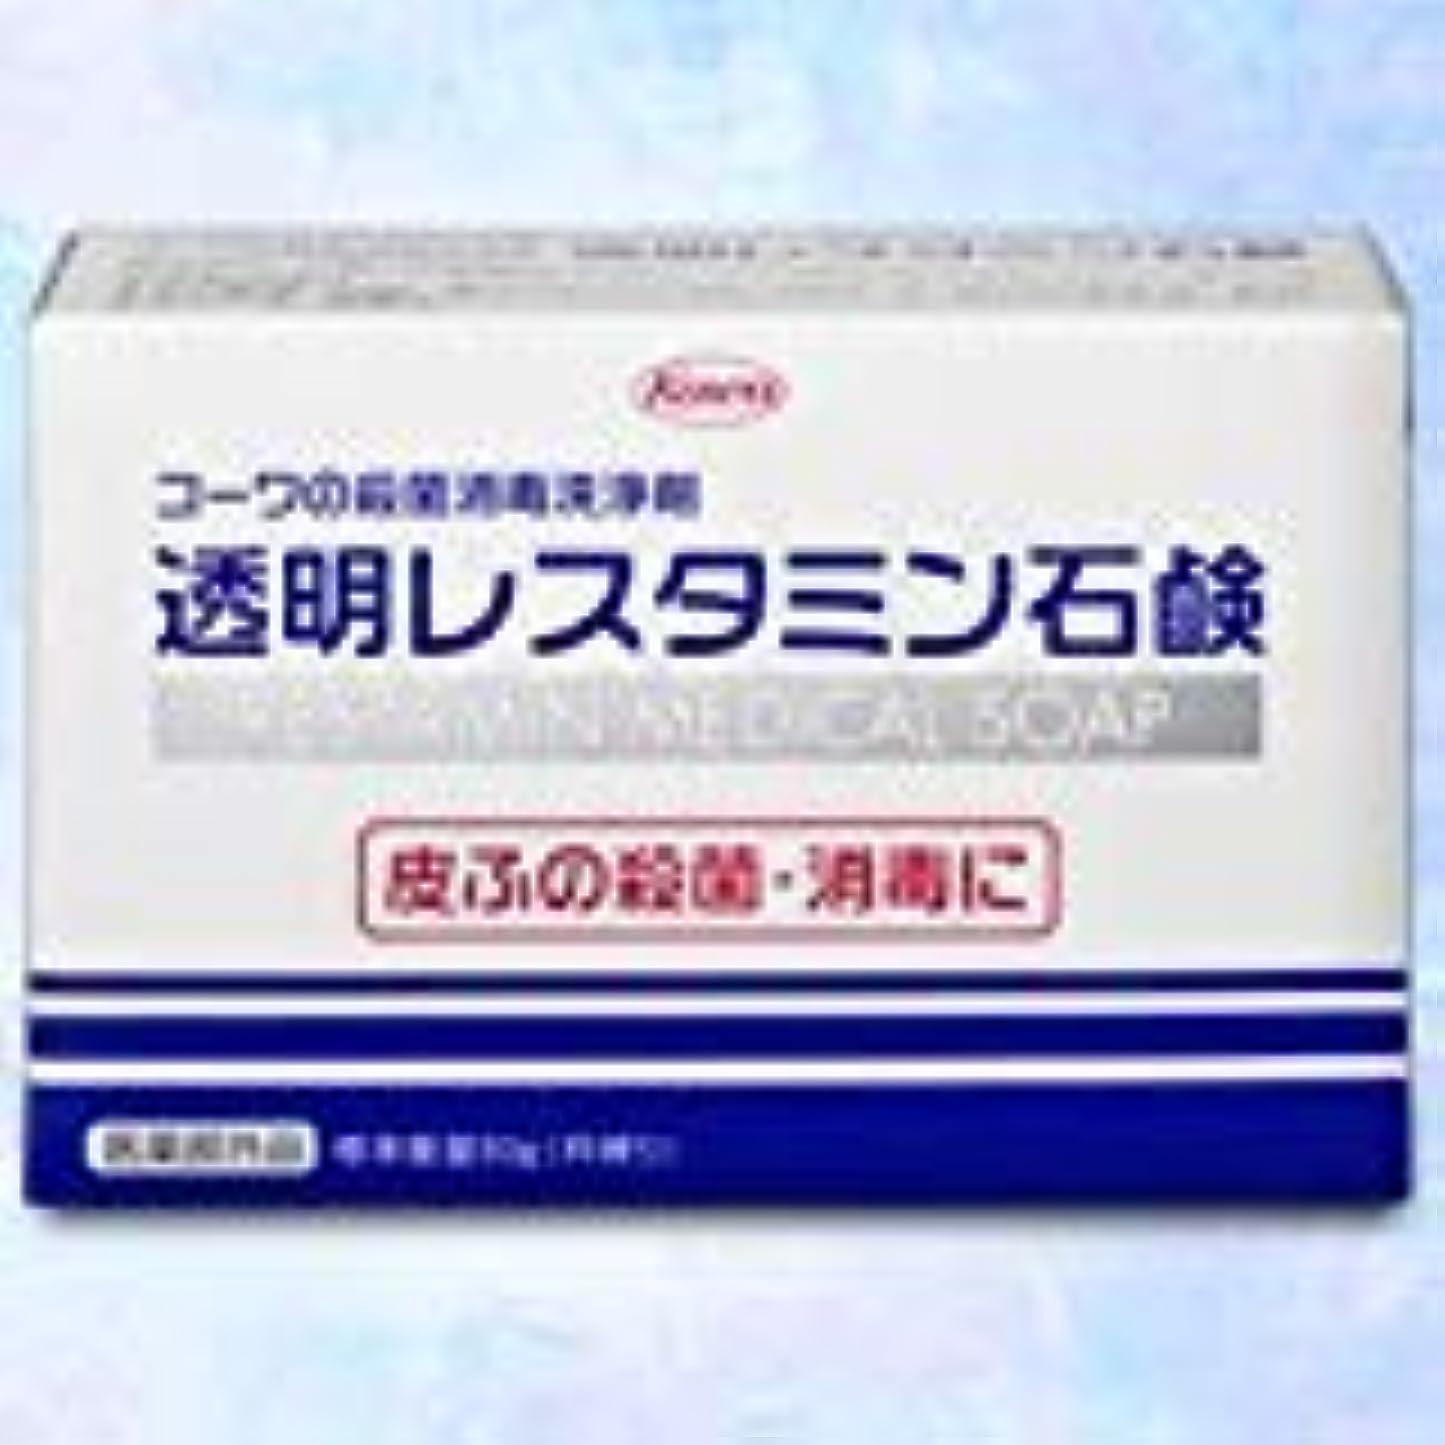 フィットネス矢印飢【興和】コーワの殺菌消毒洗浄剤「透明レスタミン石鹸」80g(医薬部外品) ×3個セット